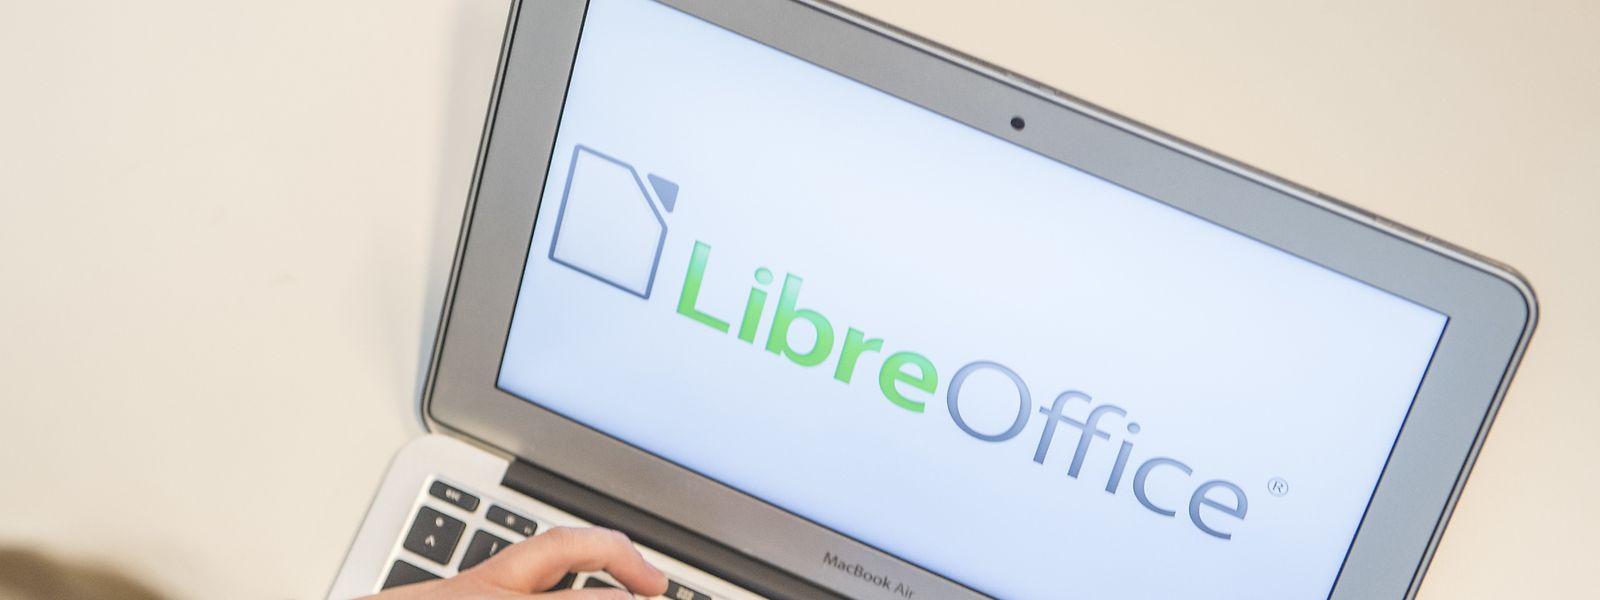 """""""Libre Office"""" kommt für fast alle Nutzer infrage - und kostet nichts."""